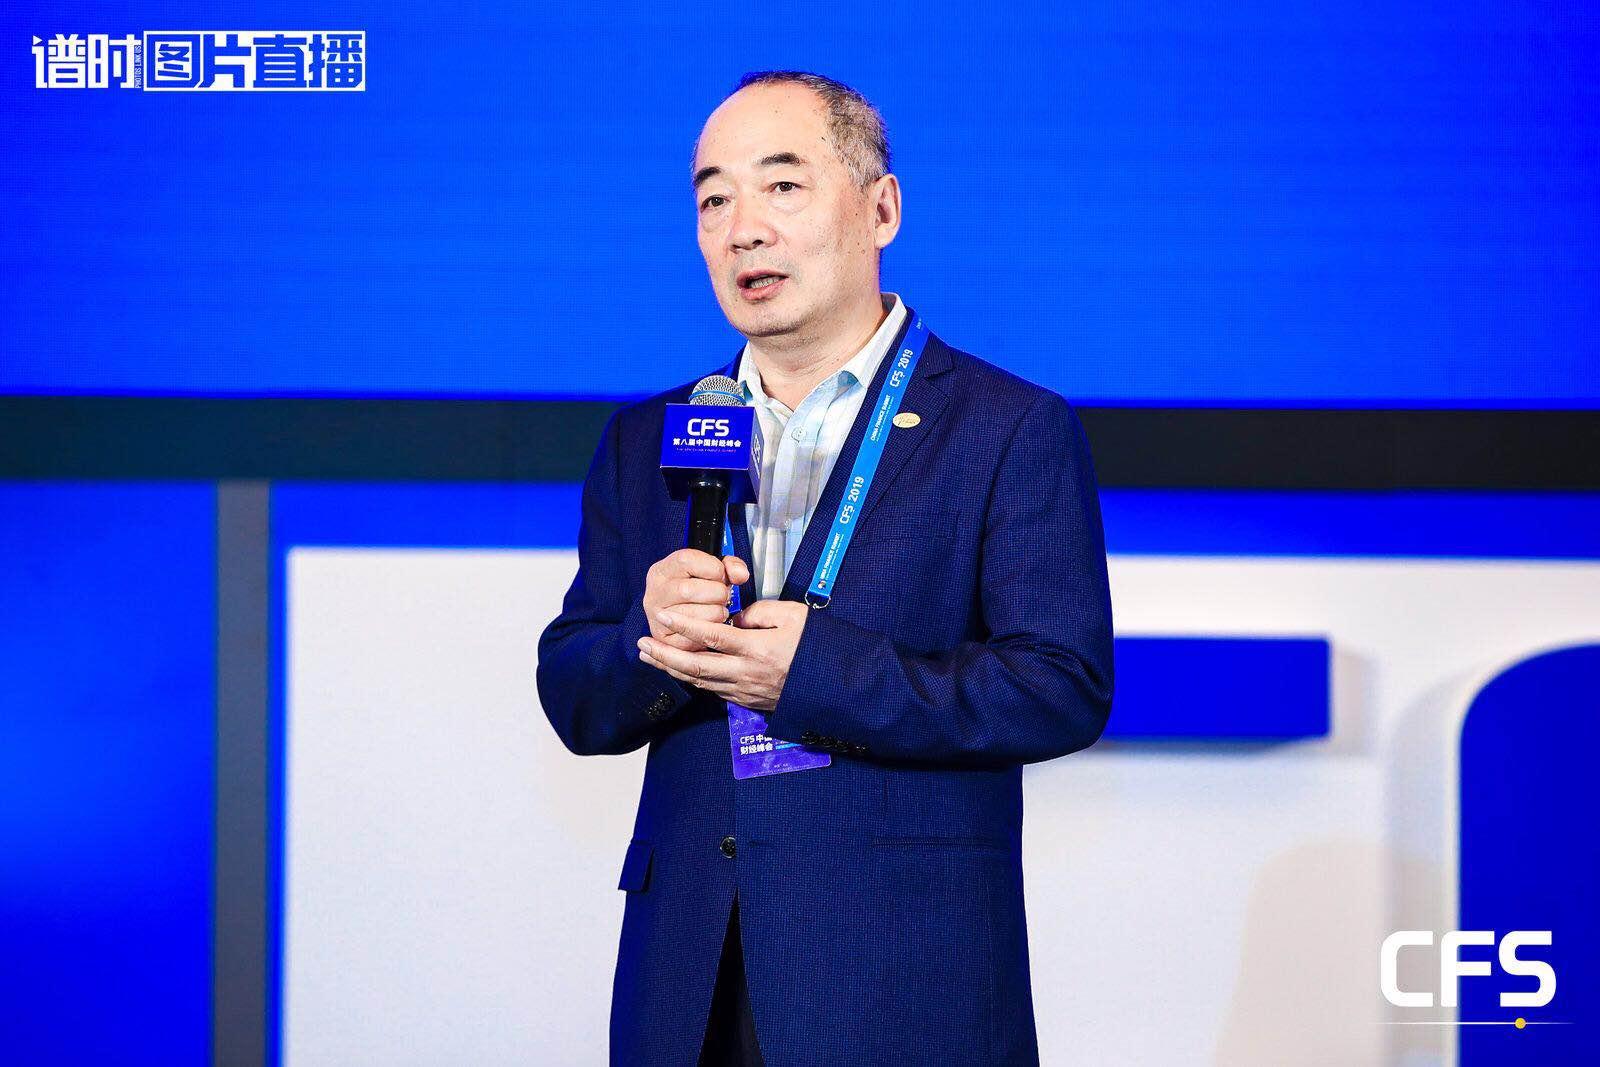 辉瑞中国国家经理苗天祥出席峰会并作责任分享